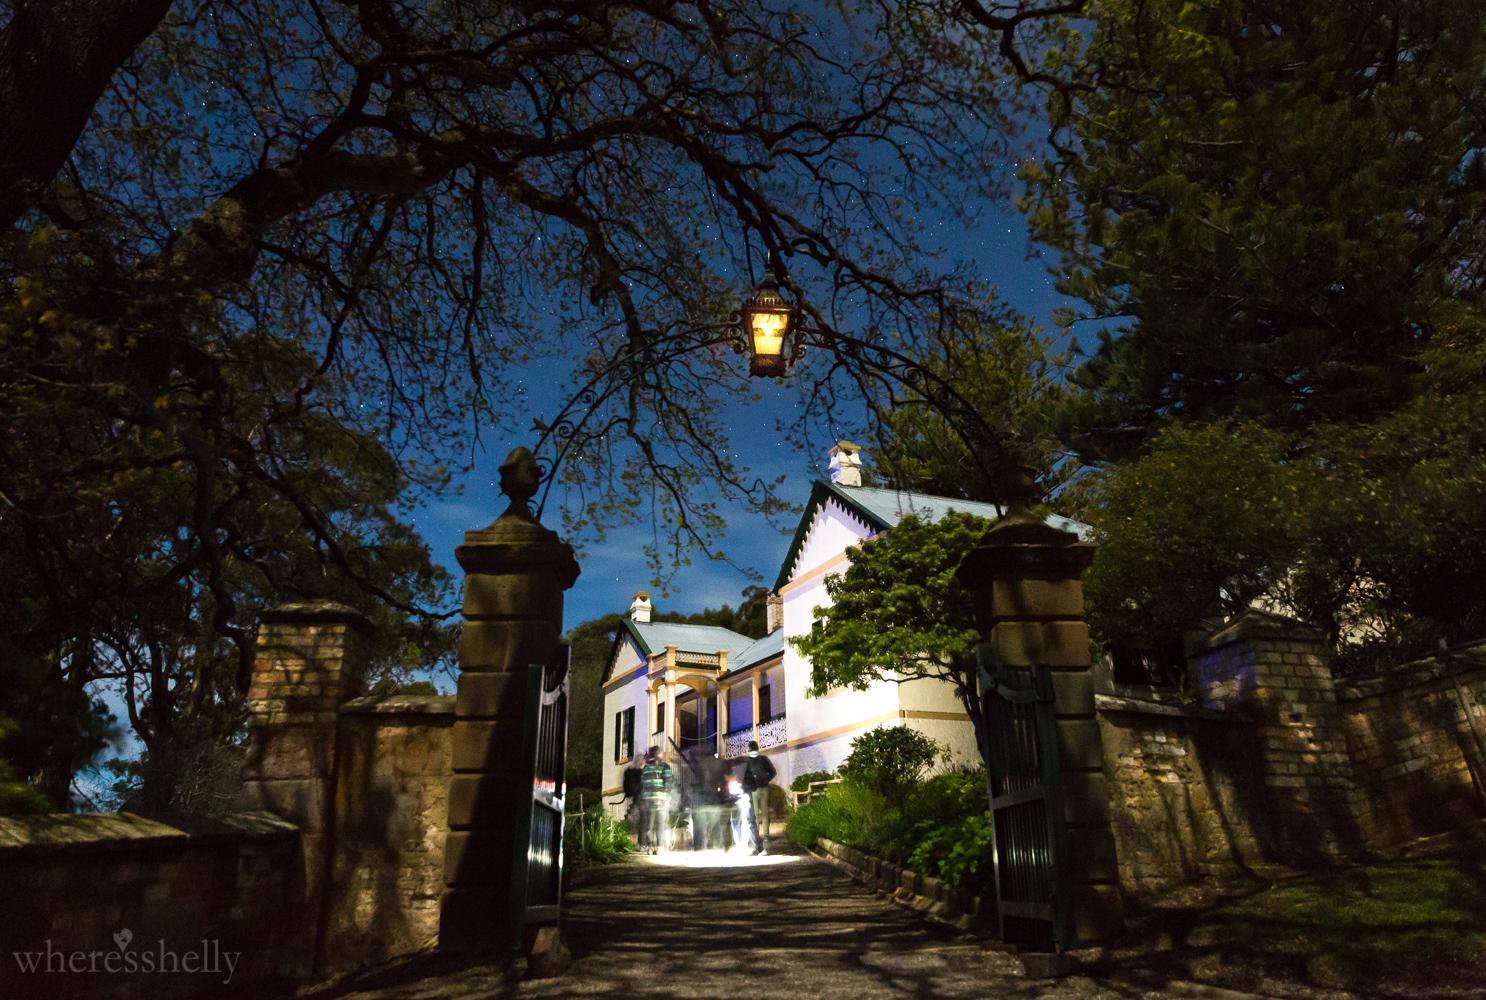 tasmania-port-arthur-paranormal-ghost-tour-commandants-cottage